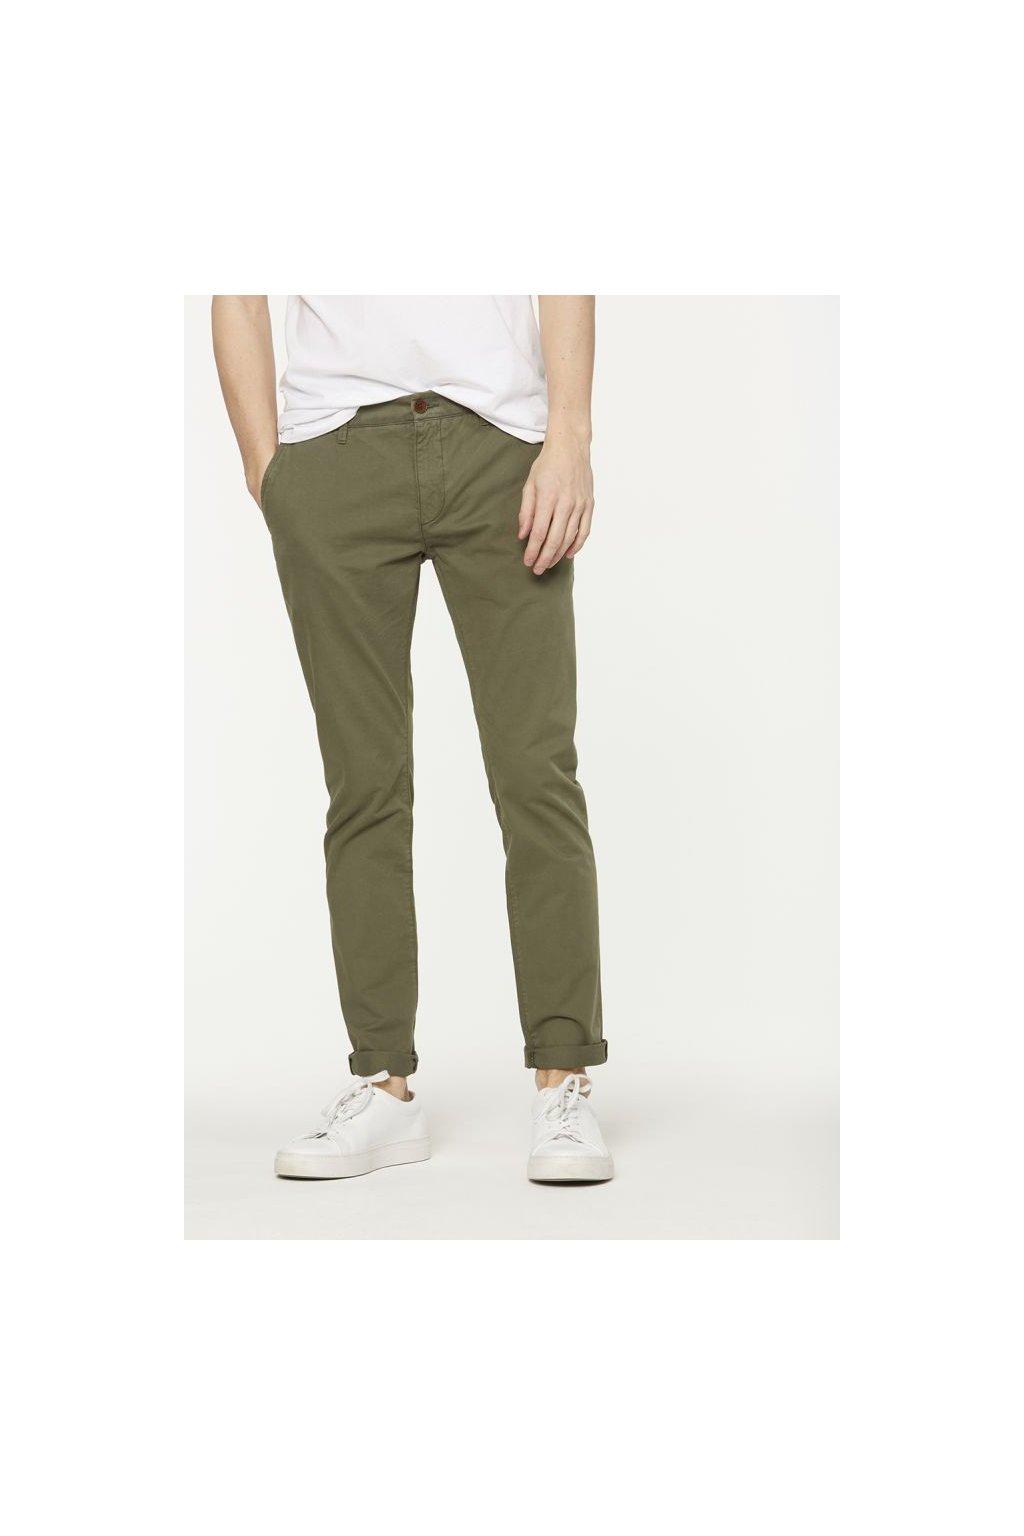 """Pánské khaki chino kalhoty z biobavlny """"Brandon"""" (Velikost 29/32)"""